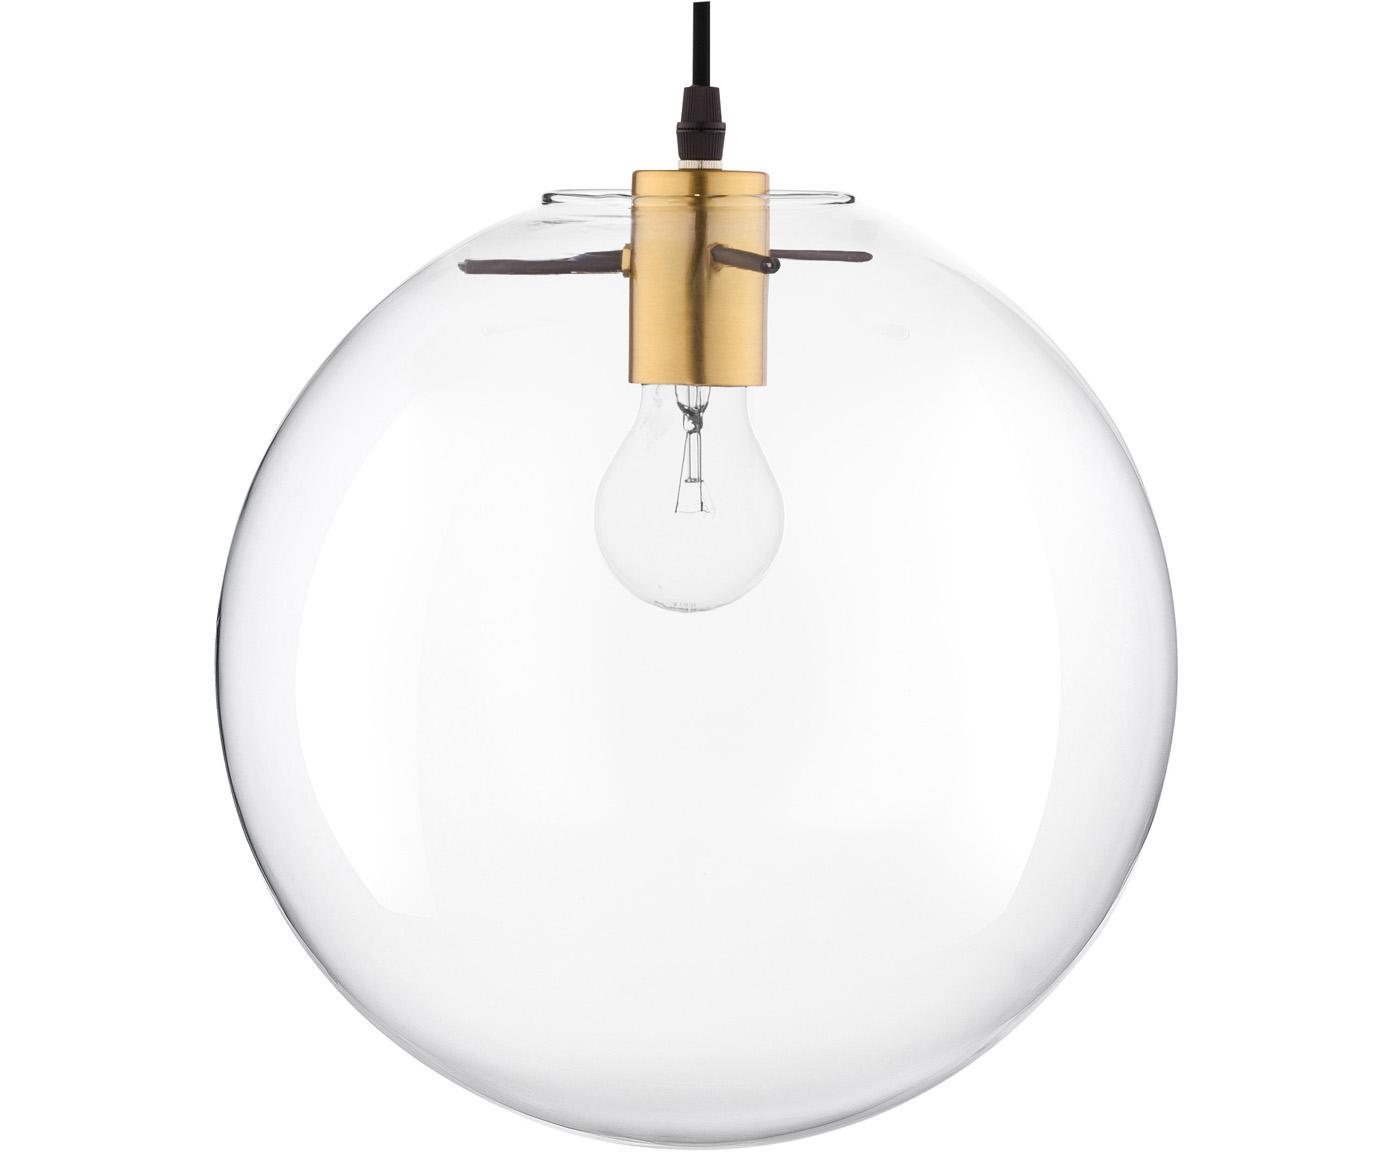 Lampa wisząca ze szklanym kloszem Mirale, Odcienie mosiądzu, transparentny, Ø 25 x W 25 cm